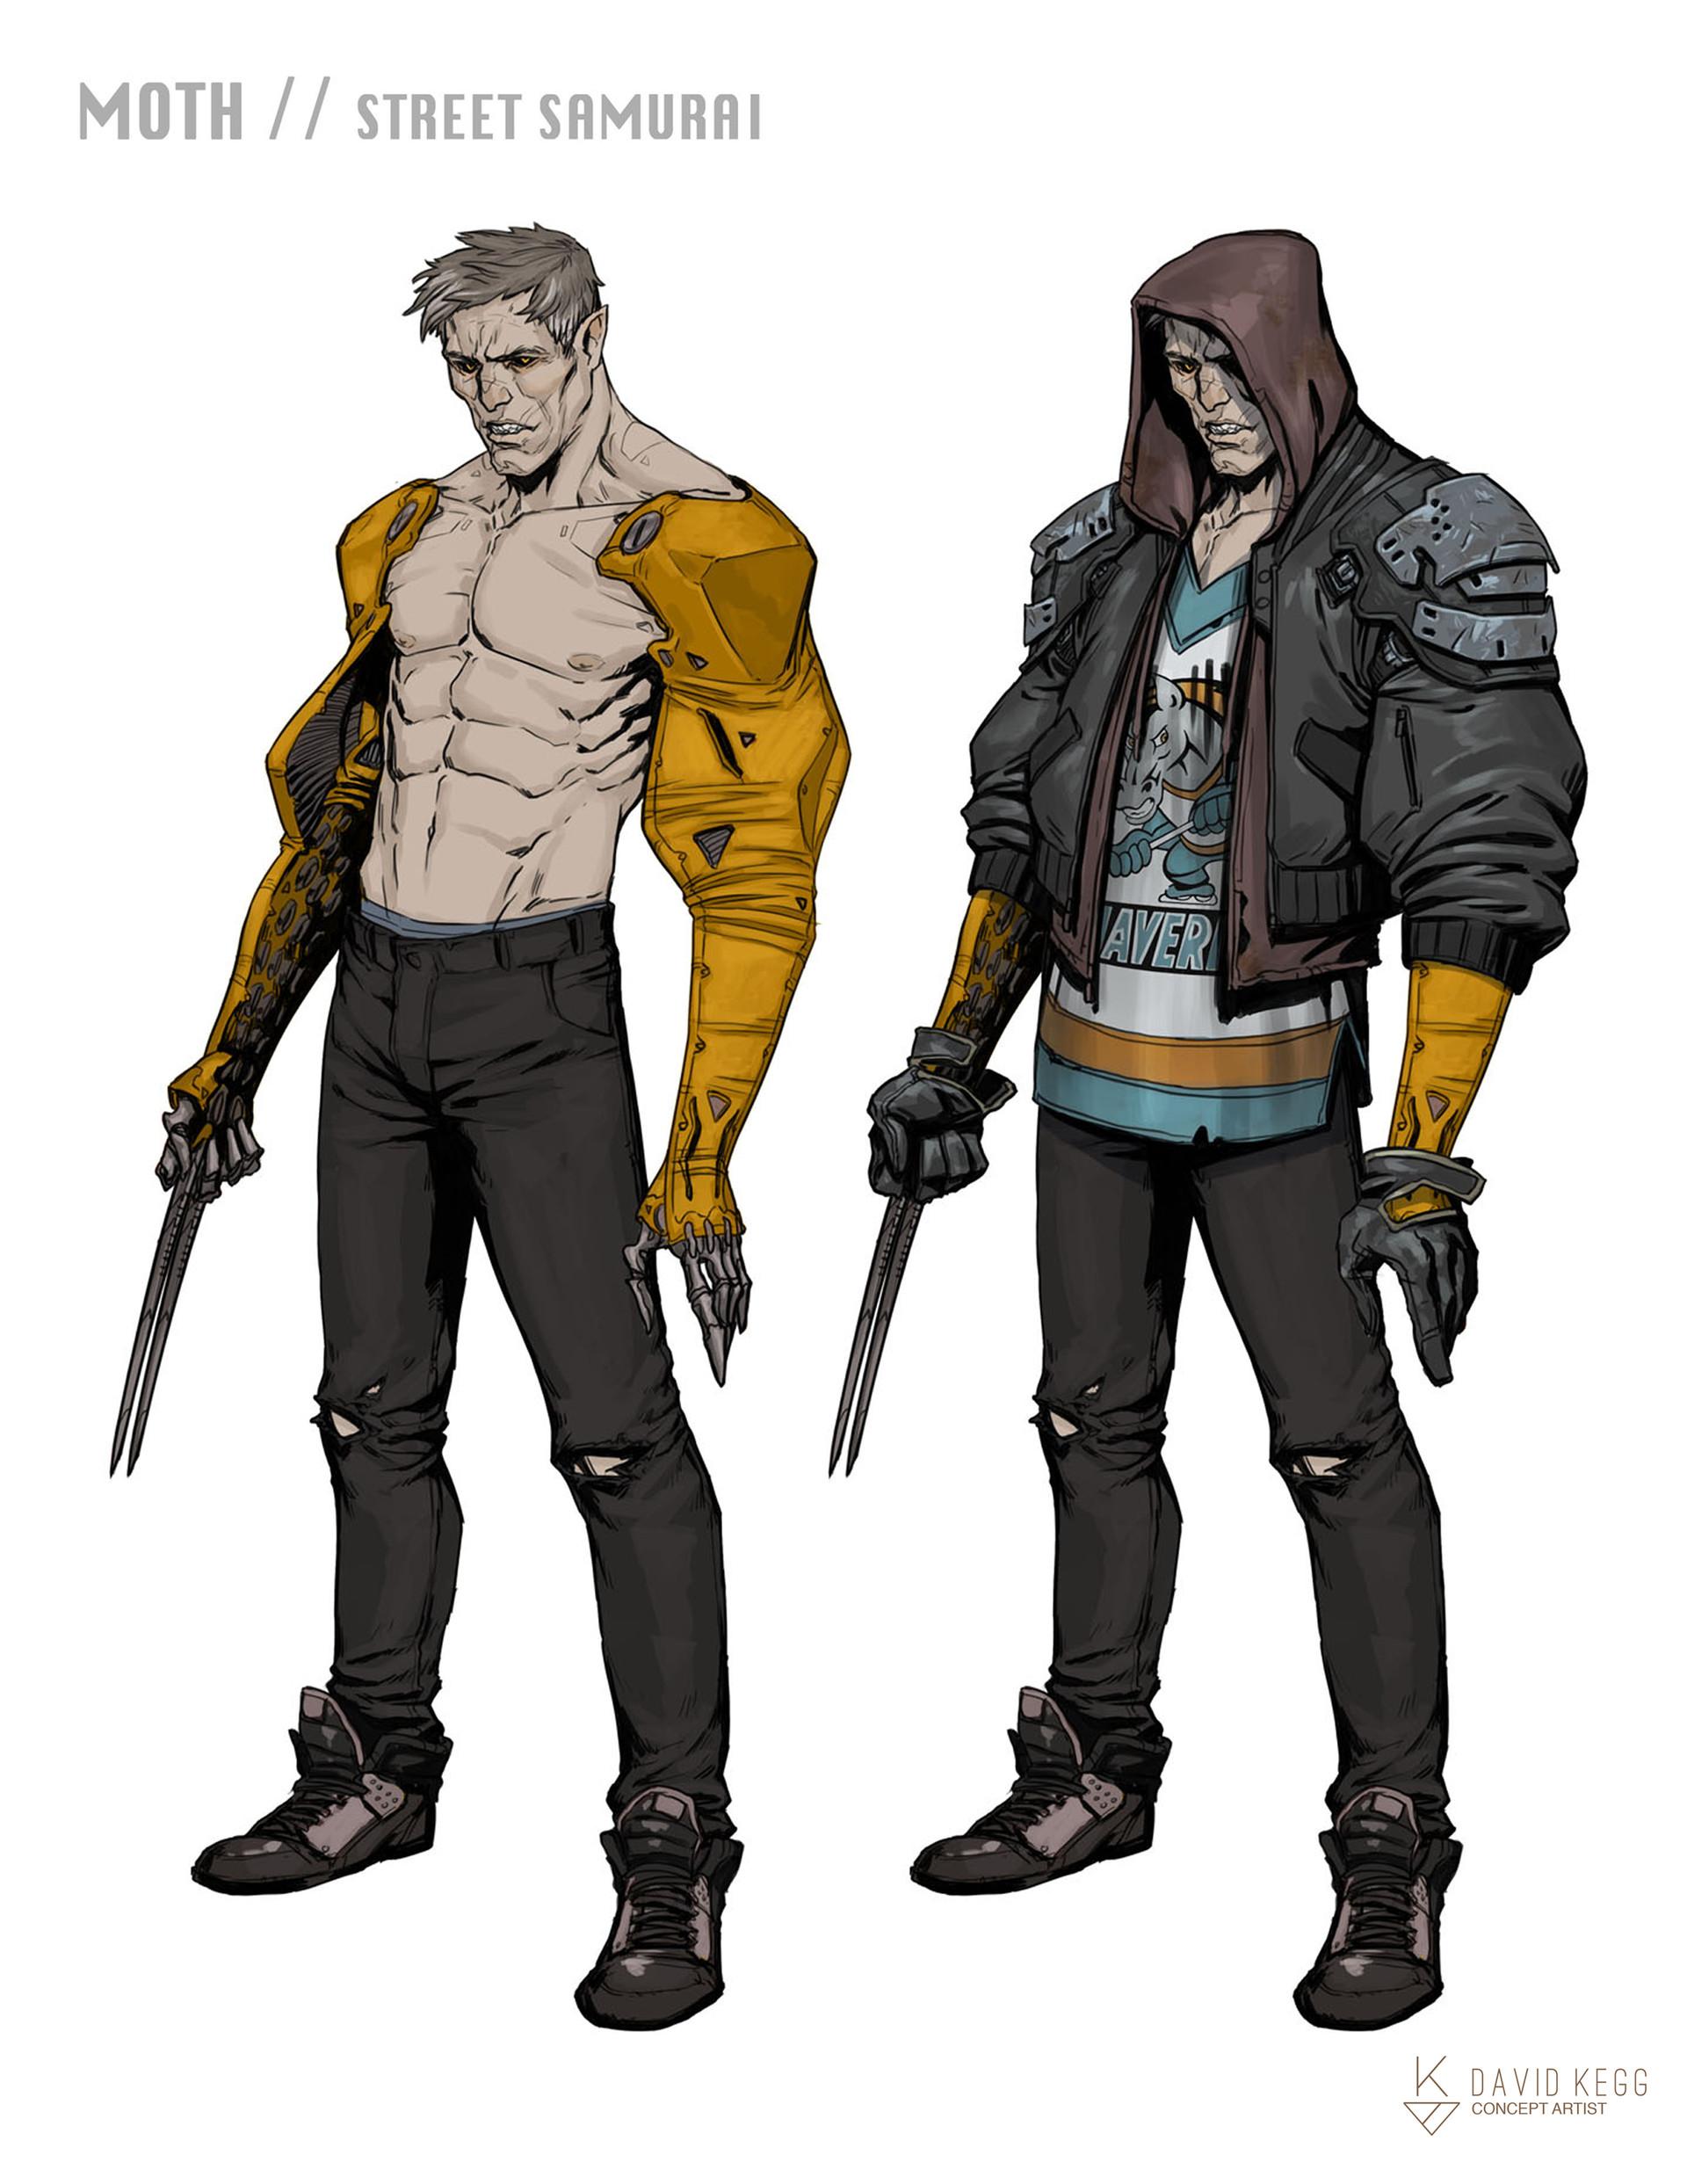 Character Design Art Station : Artstation rpg characters moth street samurai david kegg